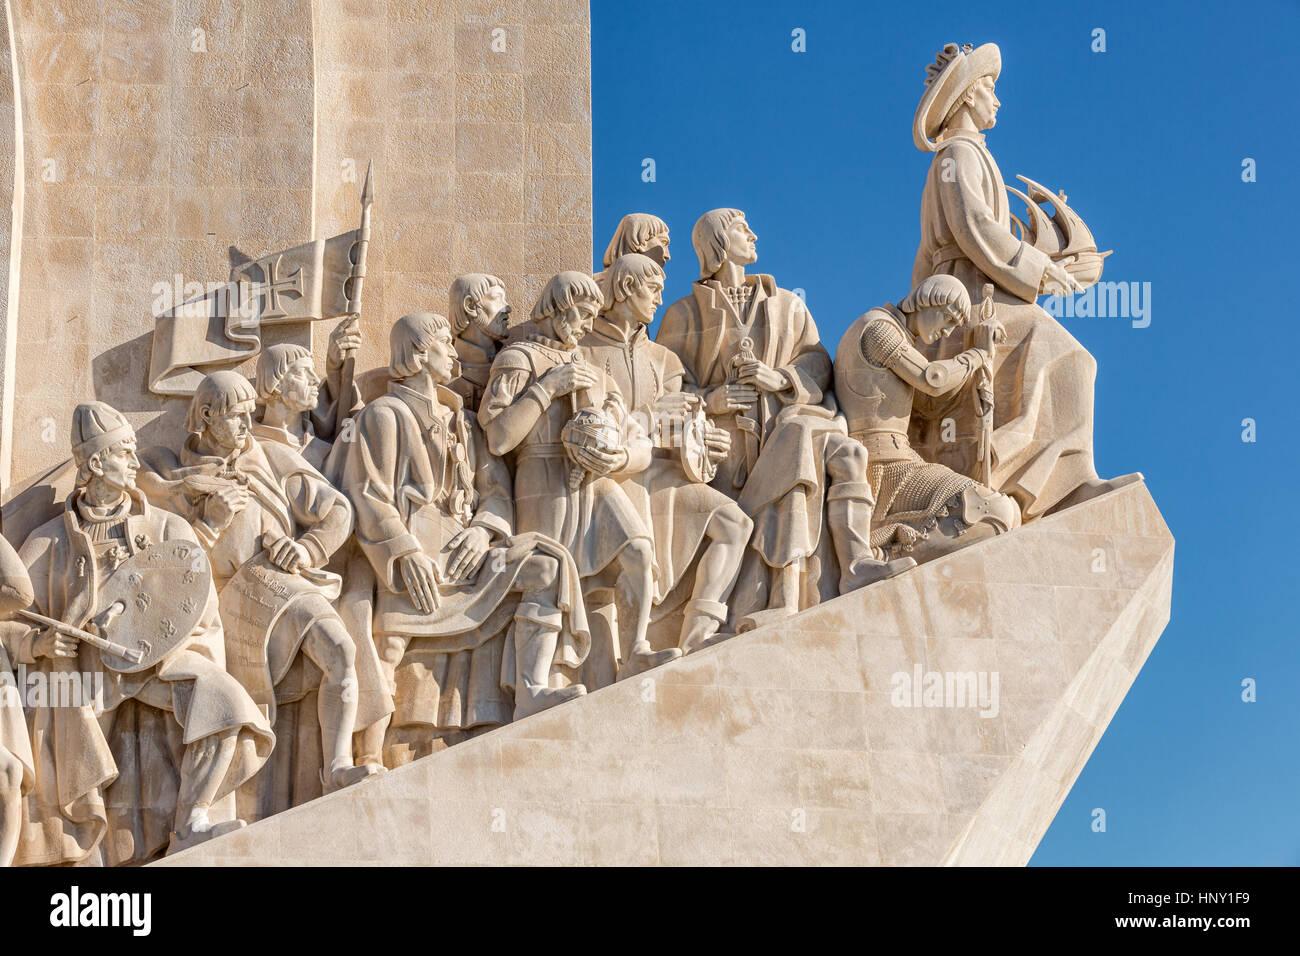 Denkmal der Entdeckungen, Padrão Dos Descobrimentos, Belem, Lissabon, Portugal Stockbild